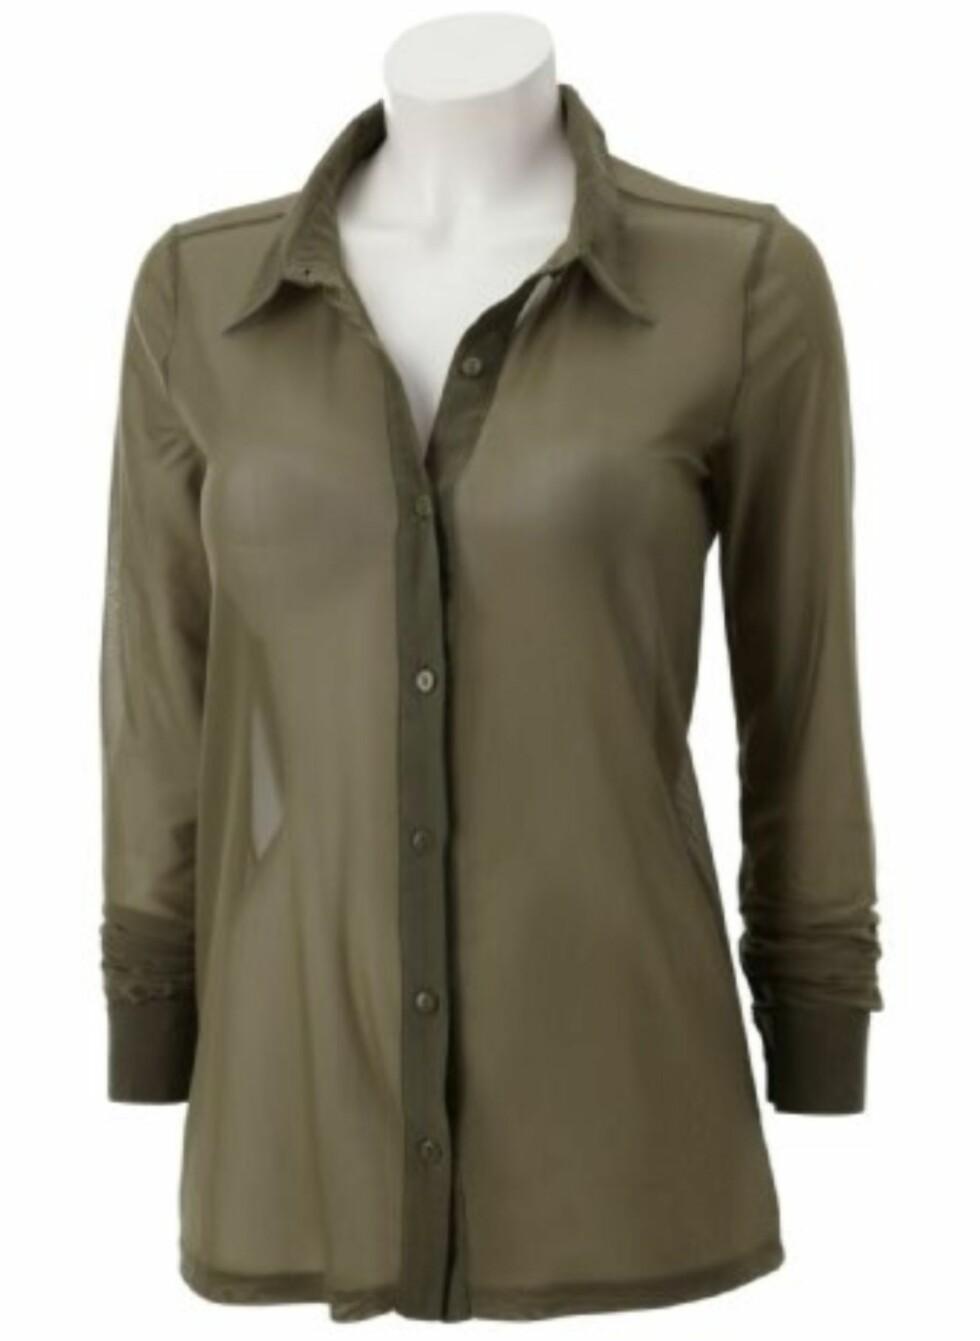 Gjennomsiktig bluse som passer fint med en mørk singlett under, boot cut jeans og skoletter (kr 199, Gina Tricot).